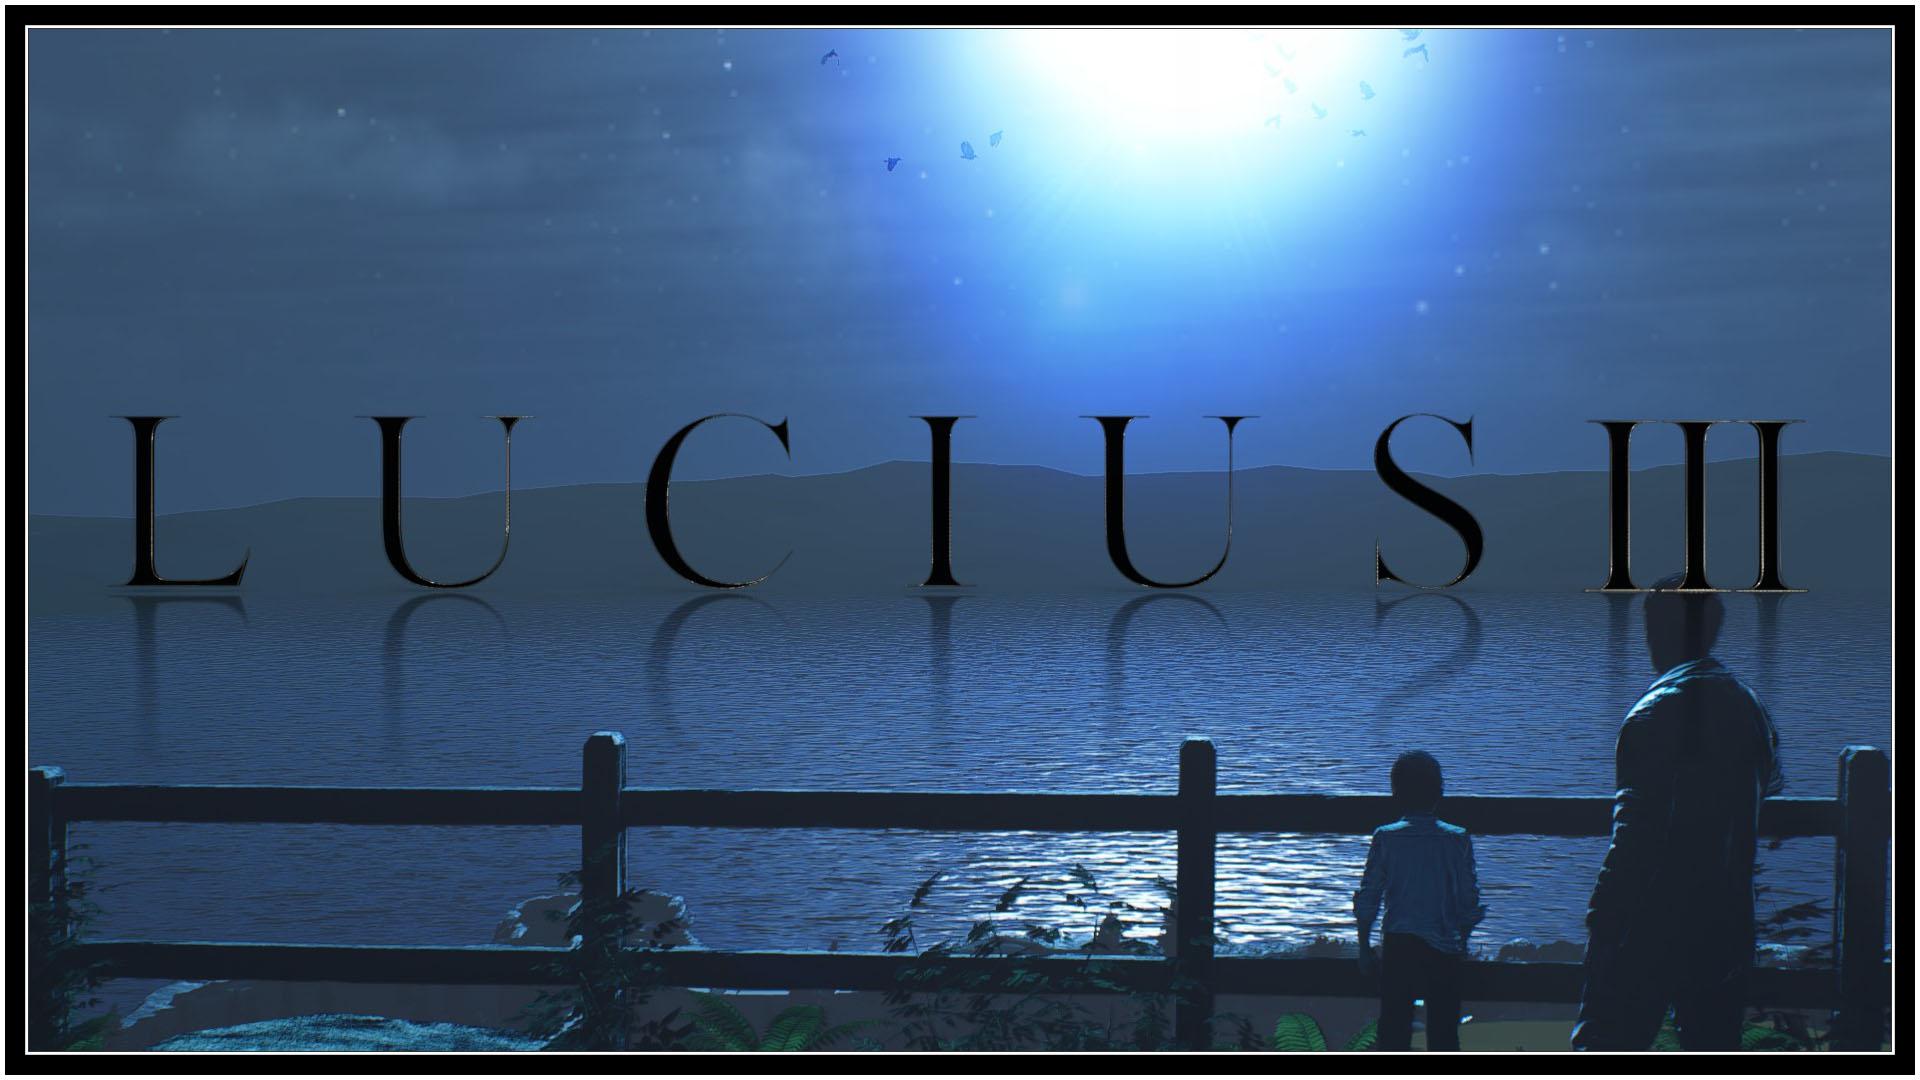 Lucius III Fi3